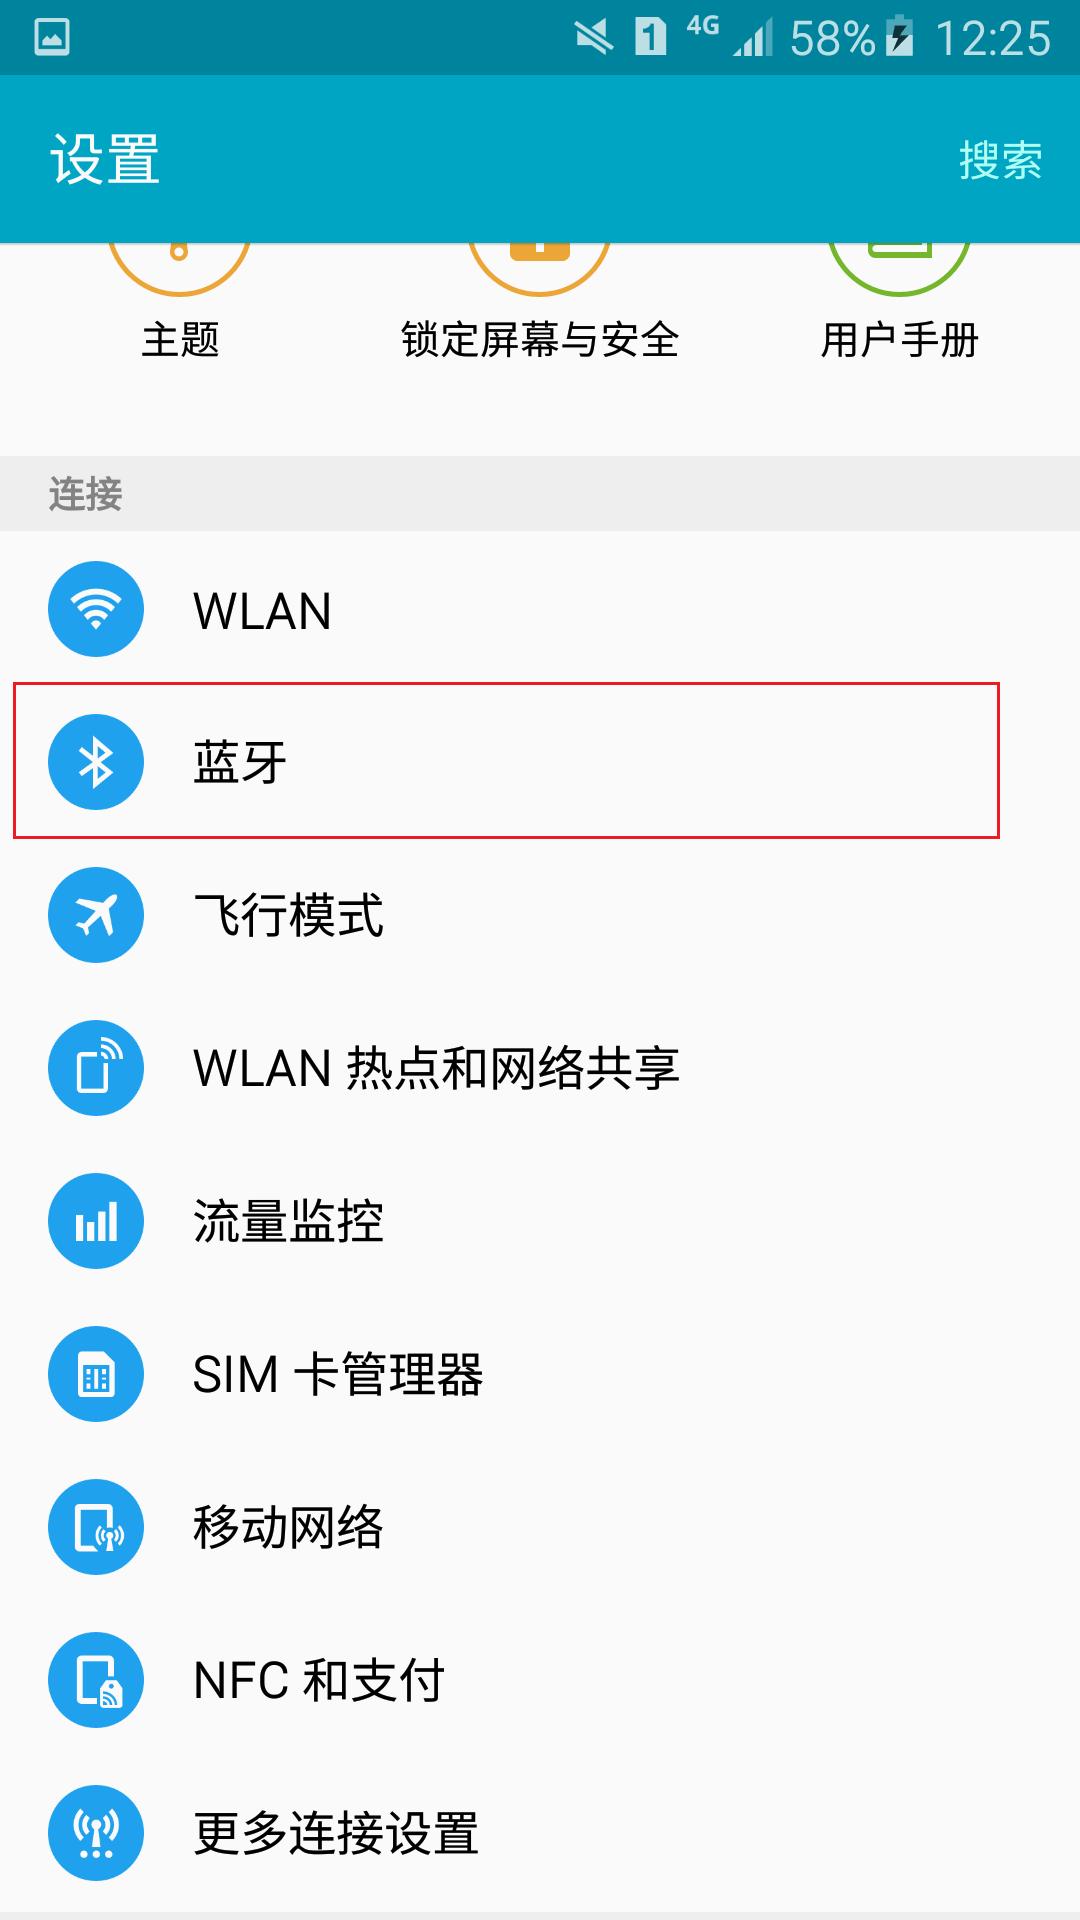 如何設定手機通過藍芽將網路共用給電腦 - IT145.com